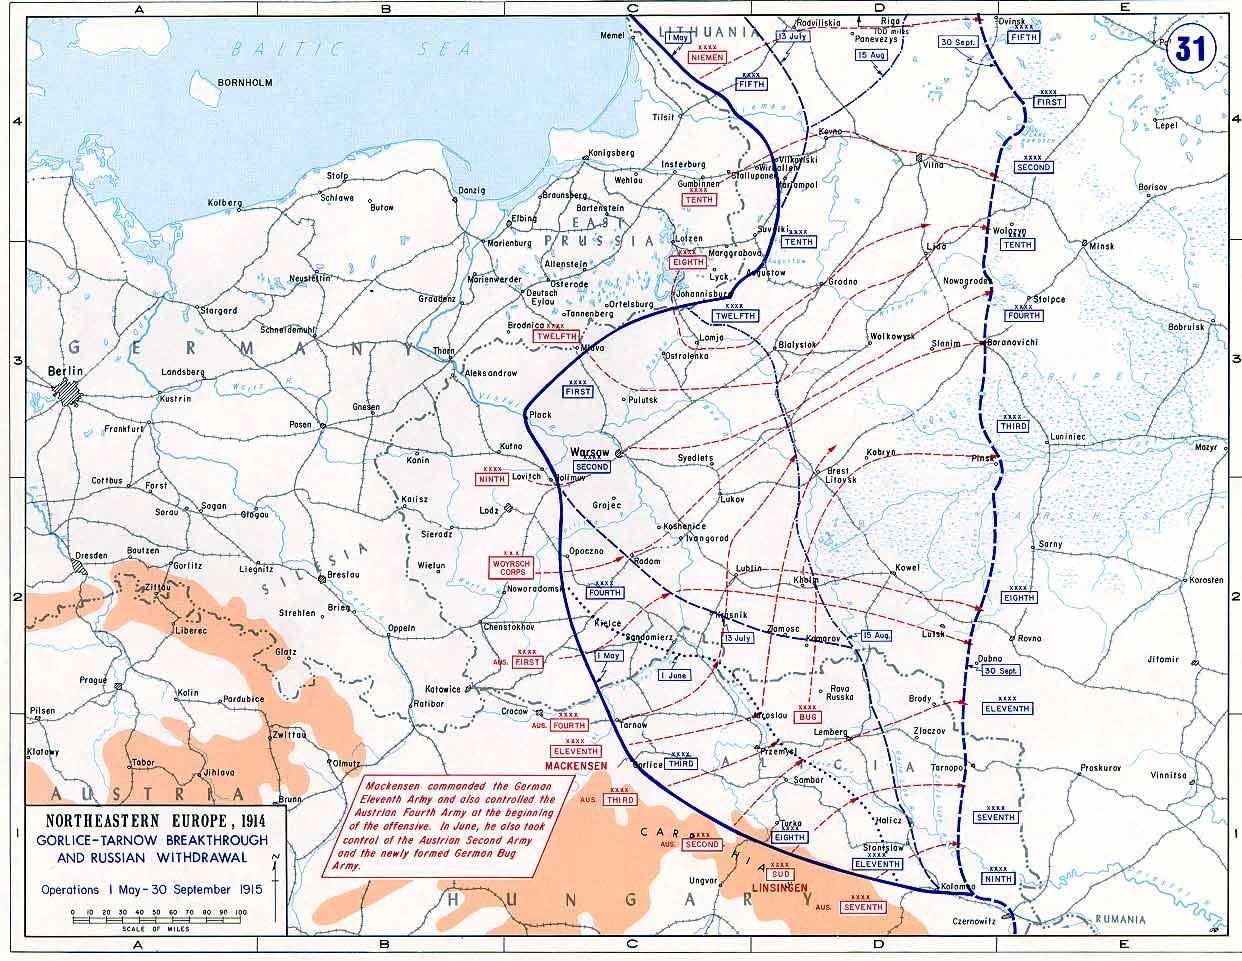 Rückzug der russischen Truppen zwischen Mai (blaue Frontlinie) und September 1915 (blau gestrichelte Frontlinie)